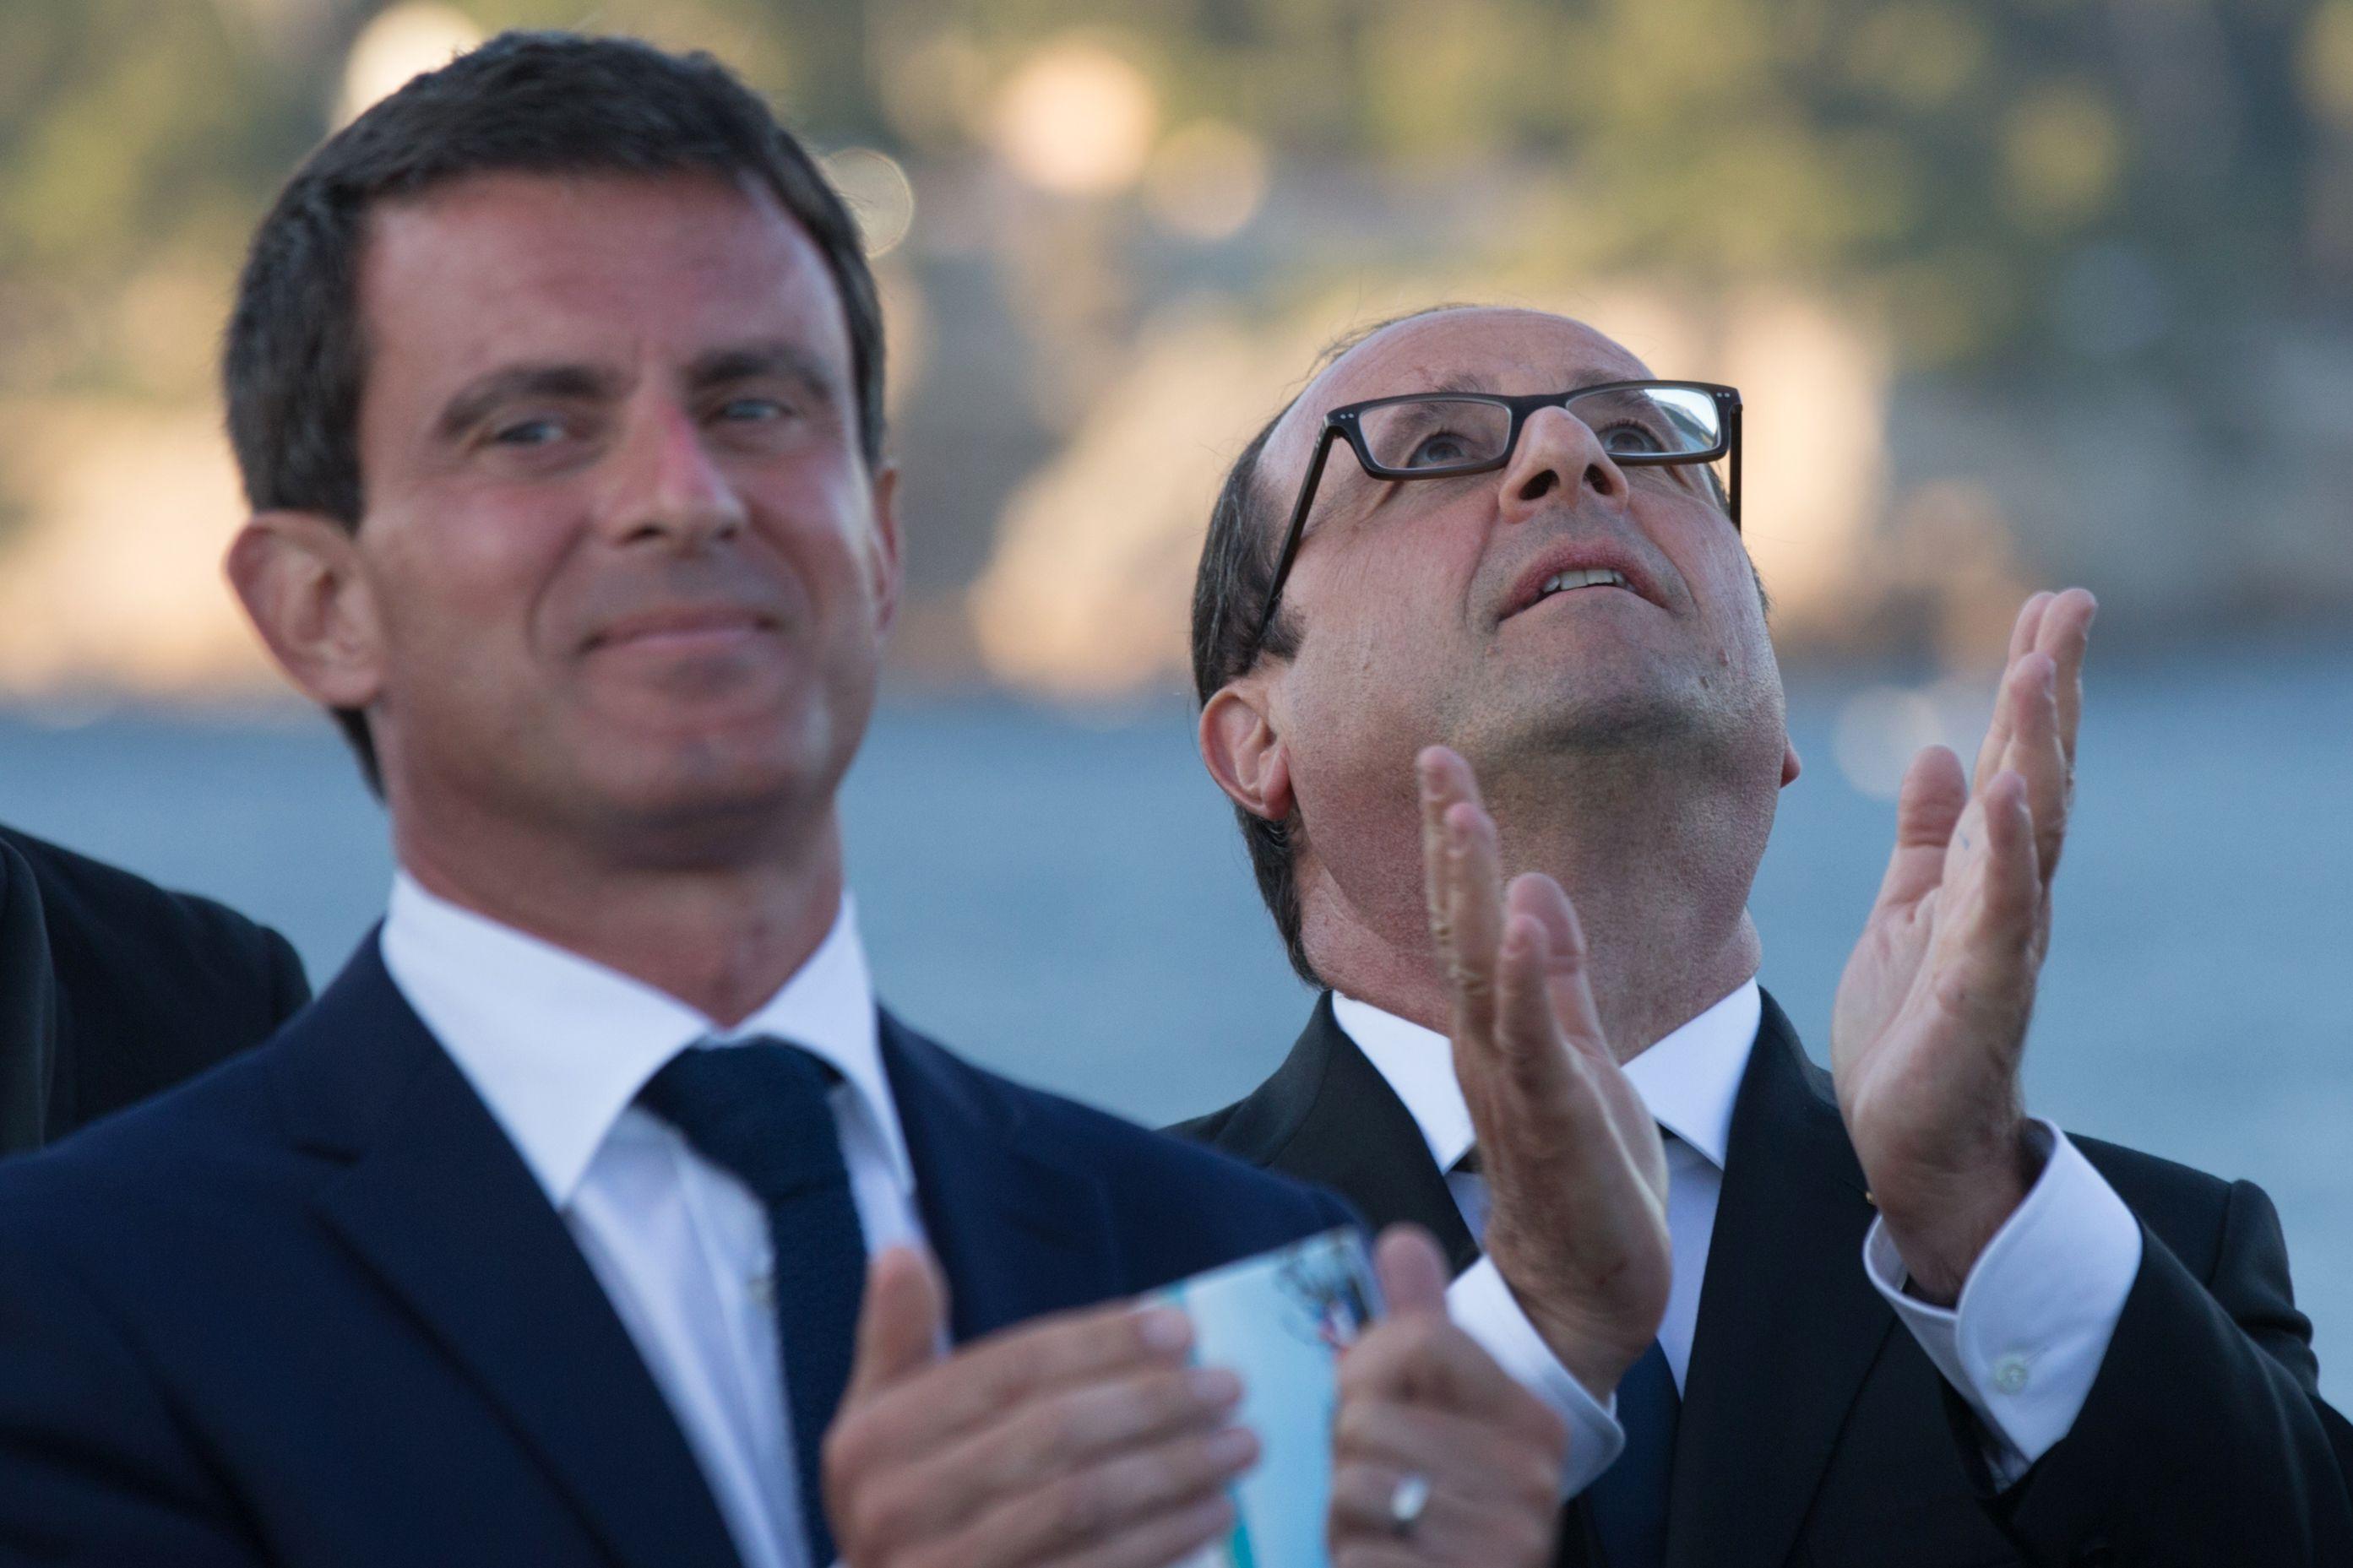 Manuel Valls a considérablement affaibli l'édifice de stabilité que le président de la République avait construit.